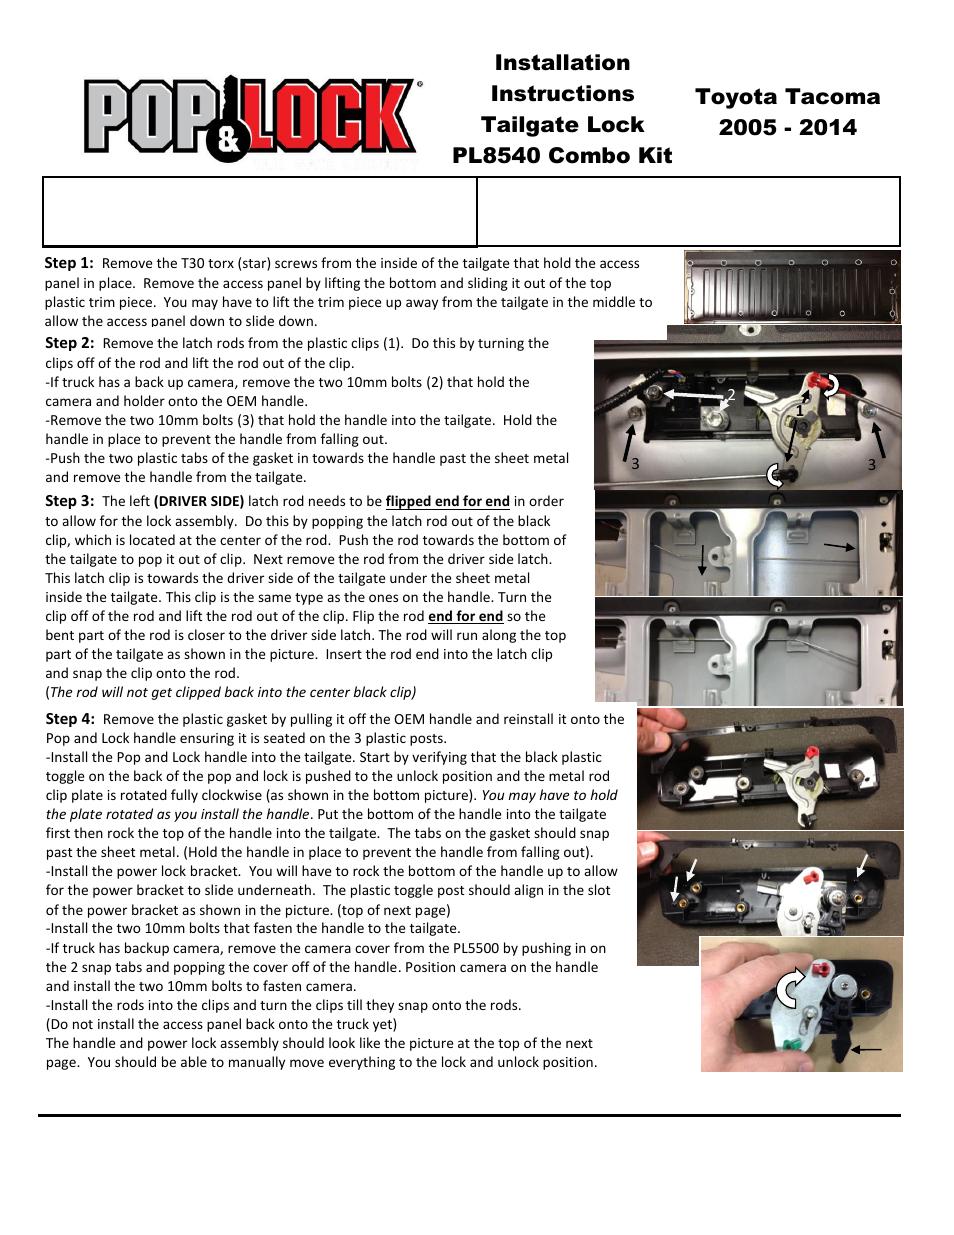 Pop lock pl85411 user manual 3 pages also for pl85410 pop lock pl85411 user manual 3 pages also for pl85410 pl85409 pl85408 pl85407 pl85406 pl85405 pl85403 pl85402 pl85401 pl8540 publicscrutiny Choice Image